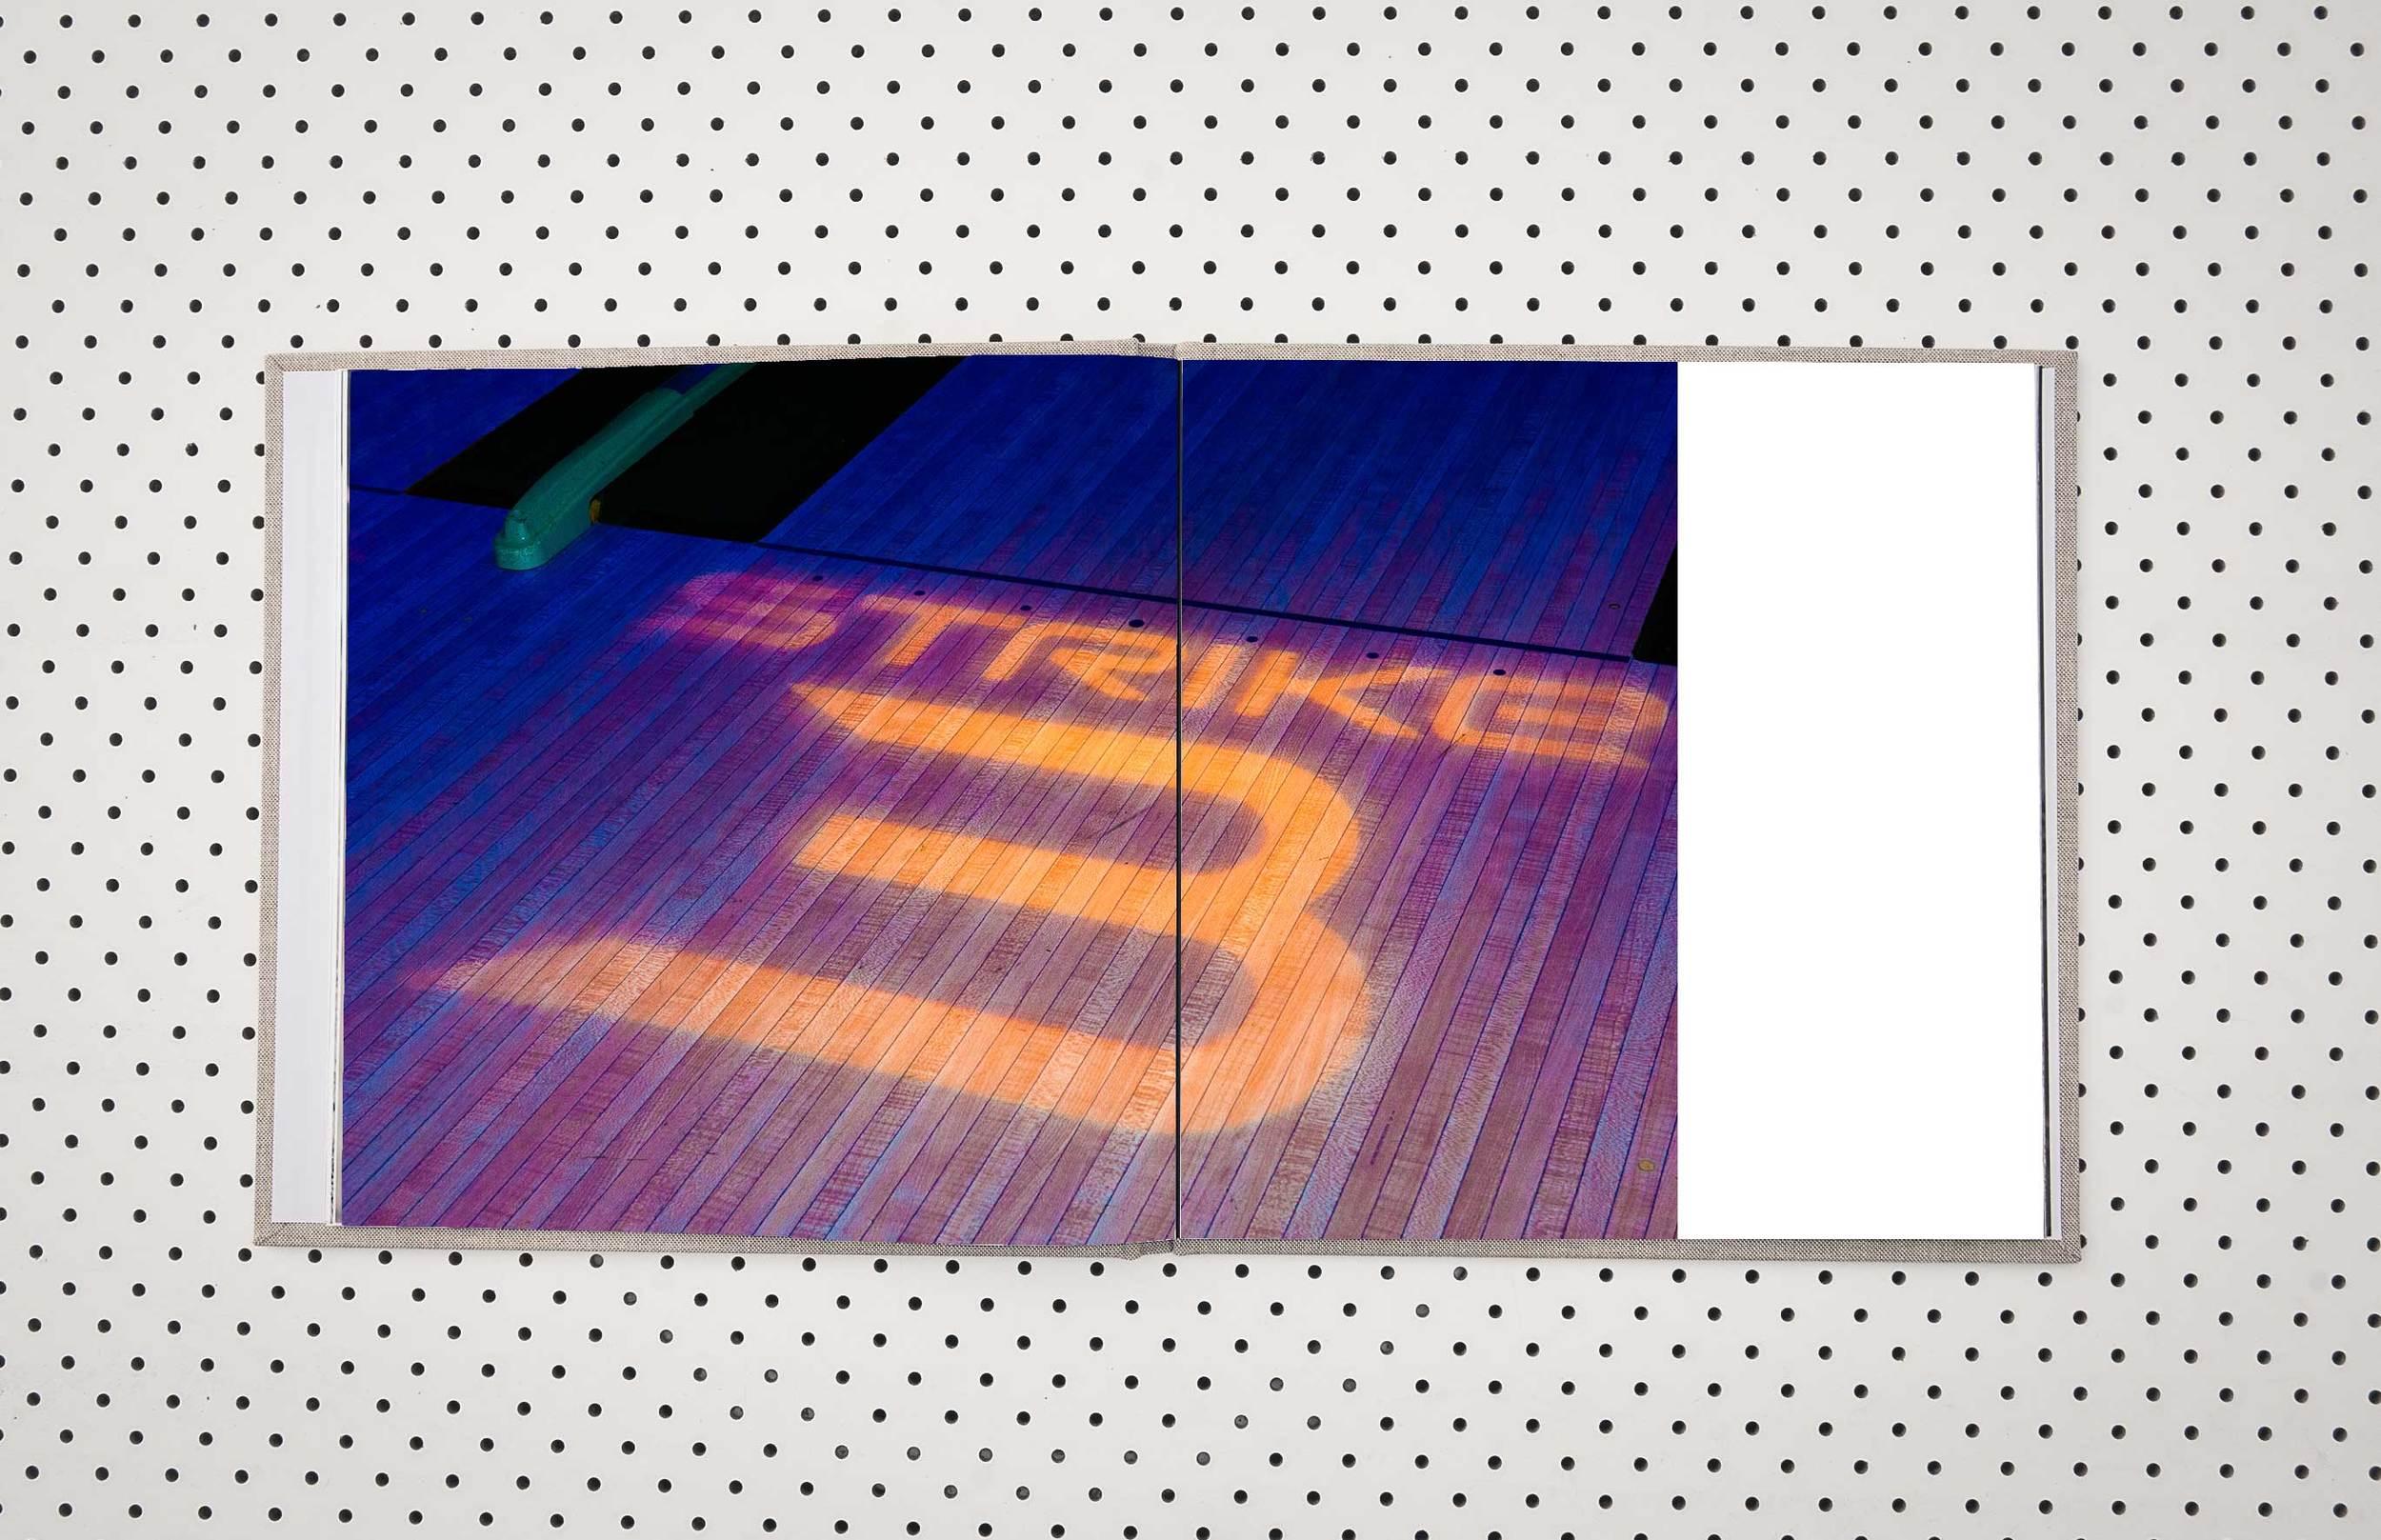 albums_slide_show_30.jpg